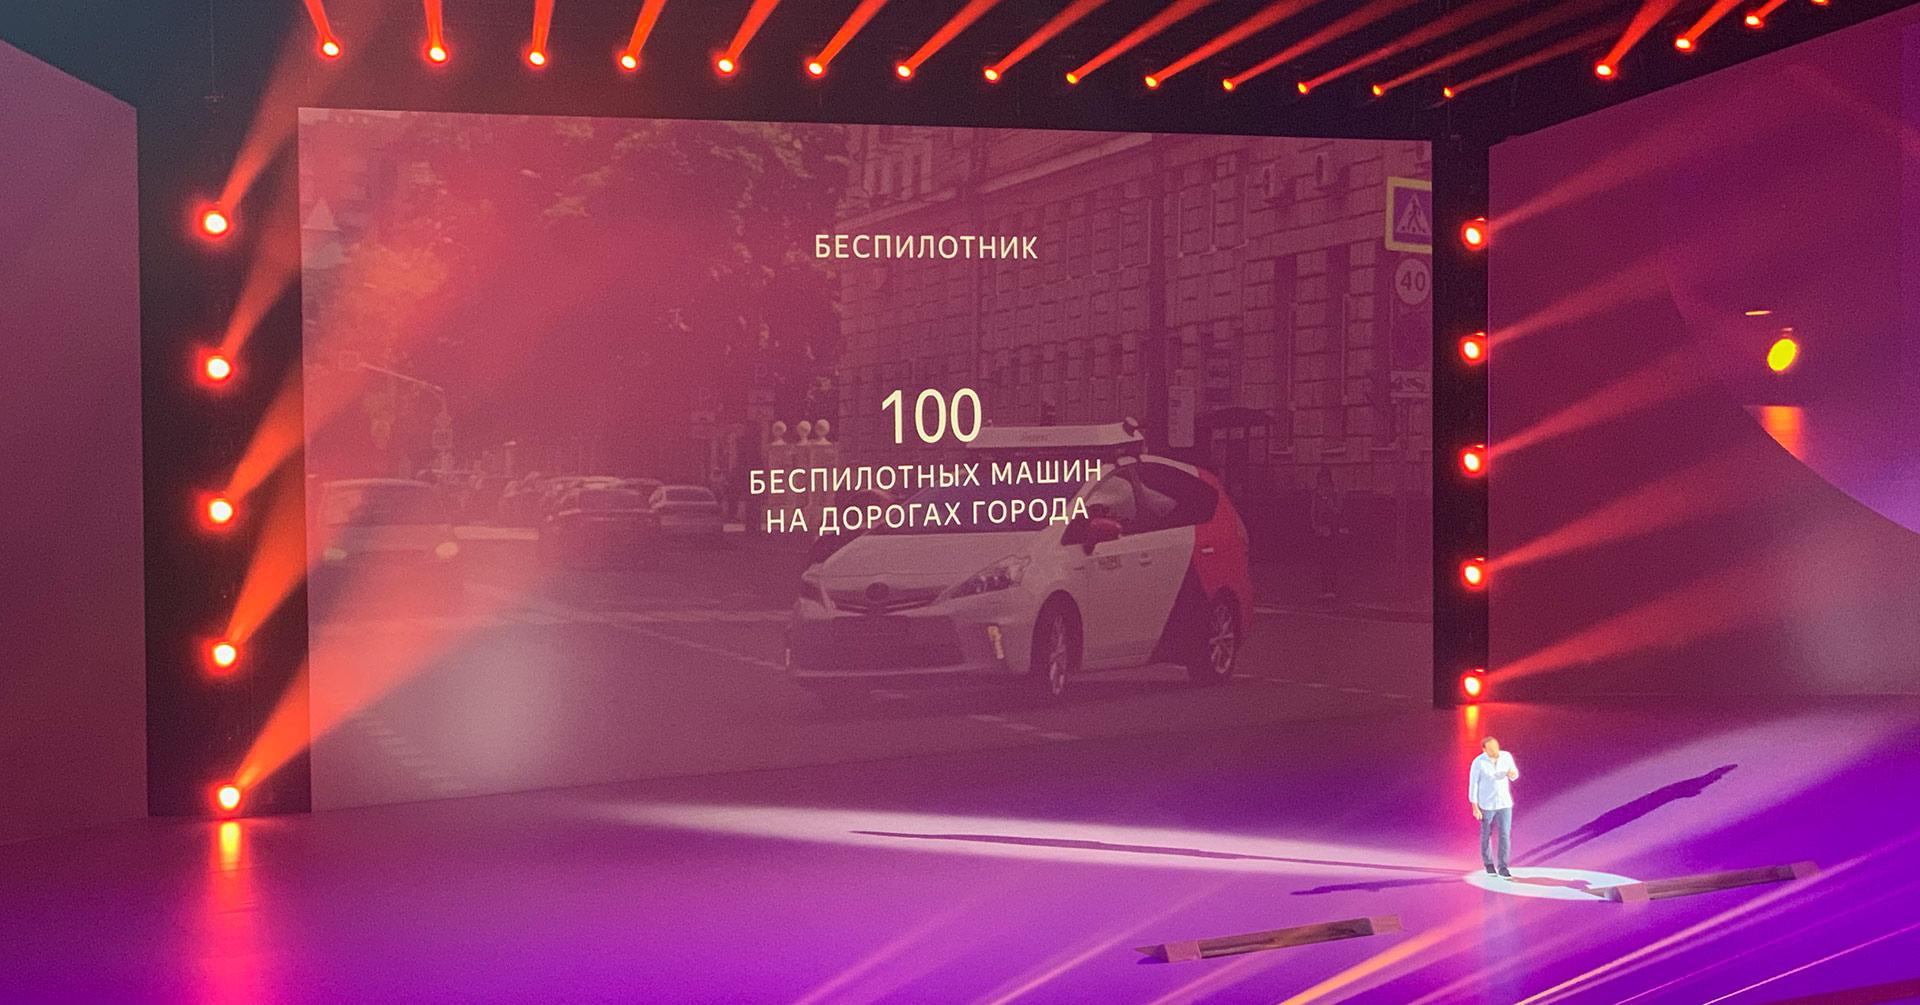 Главное с YaC 2019: сотня беспилотников на дорогах, Яндекс.Модуль, еда, умный дом - 2